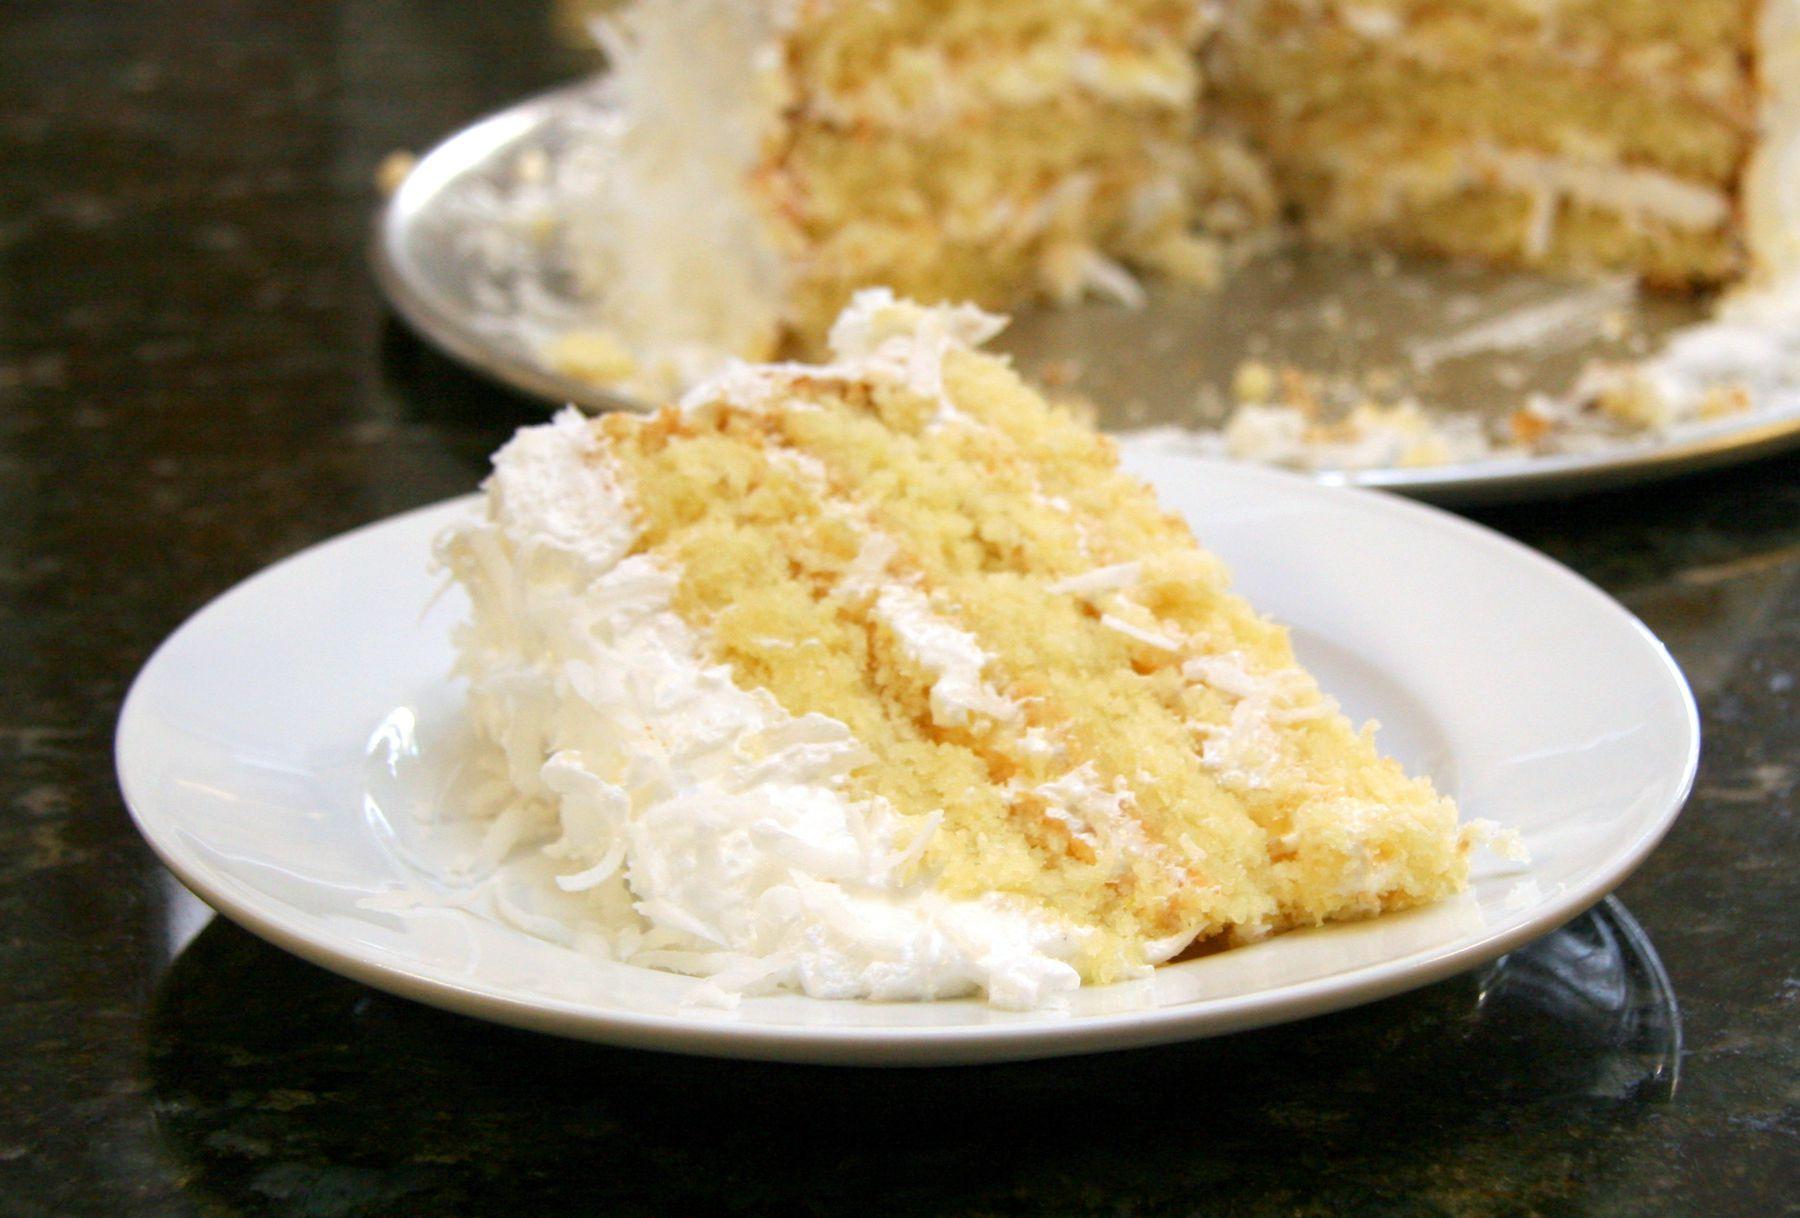 Eastern European Cakes